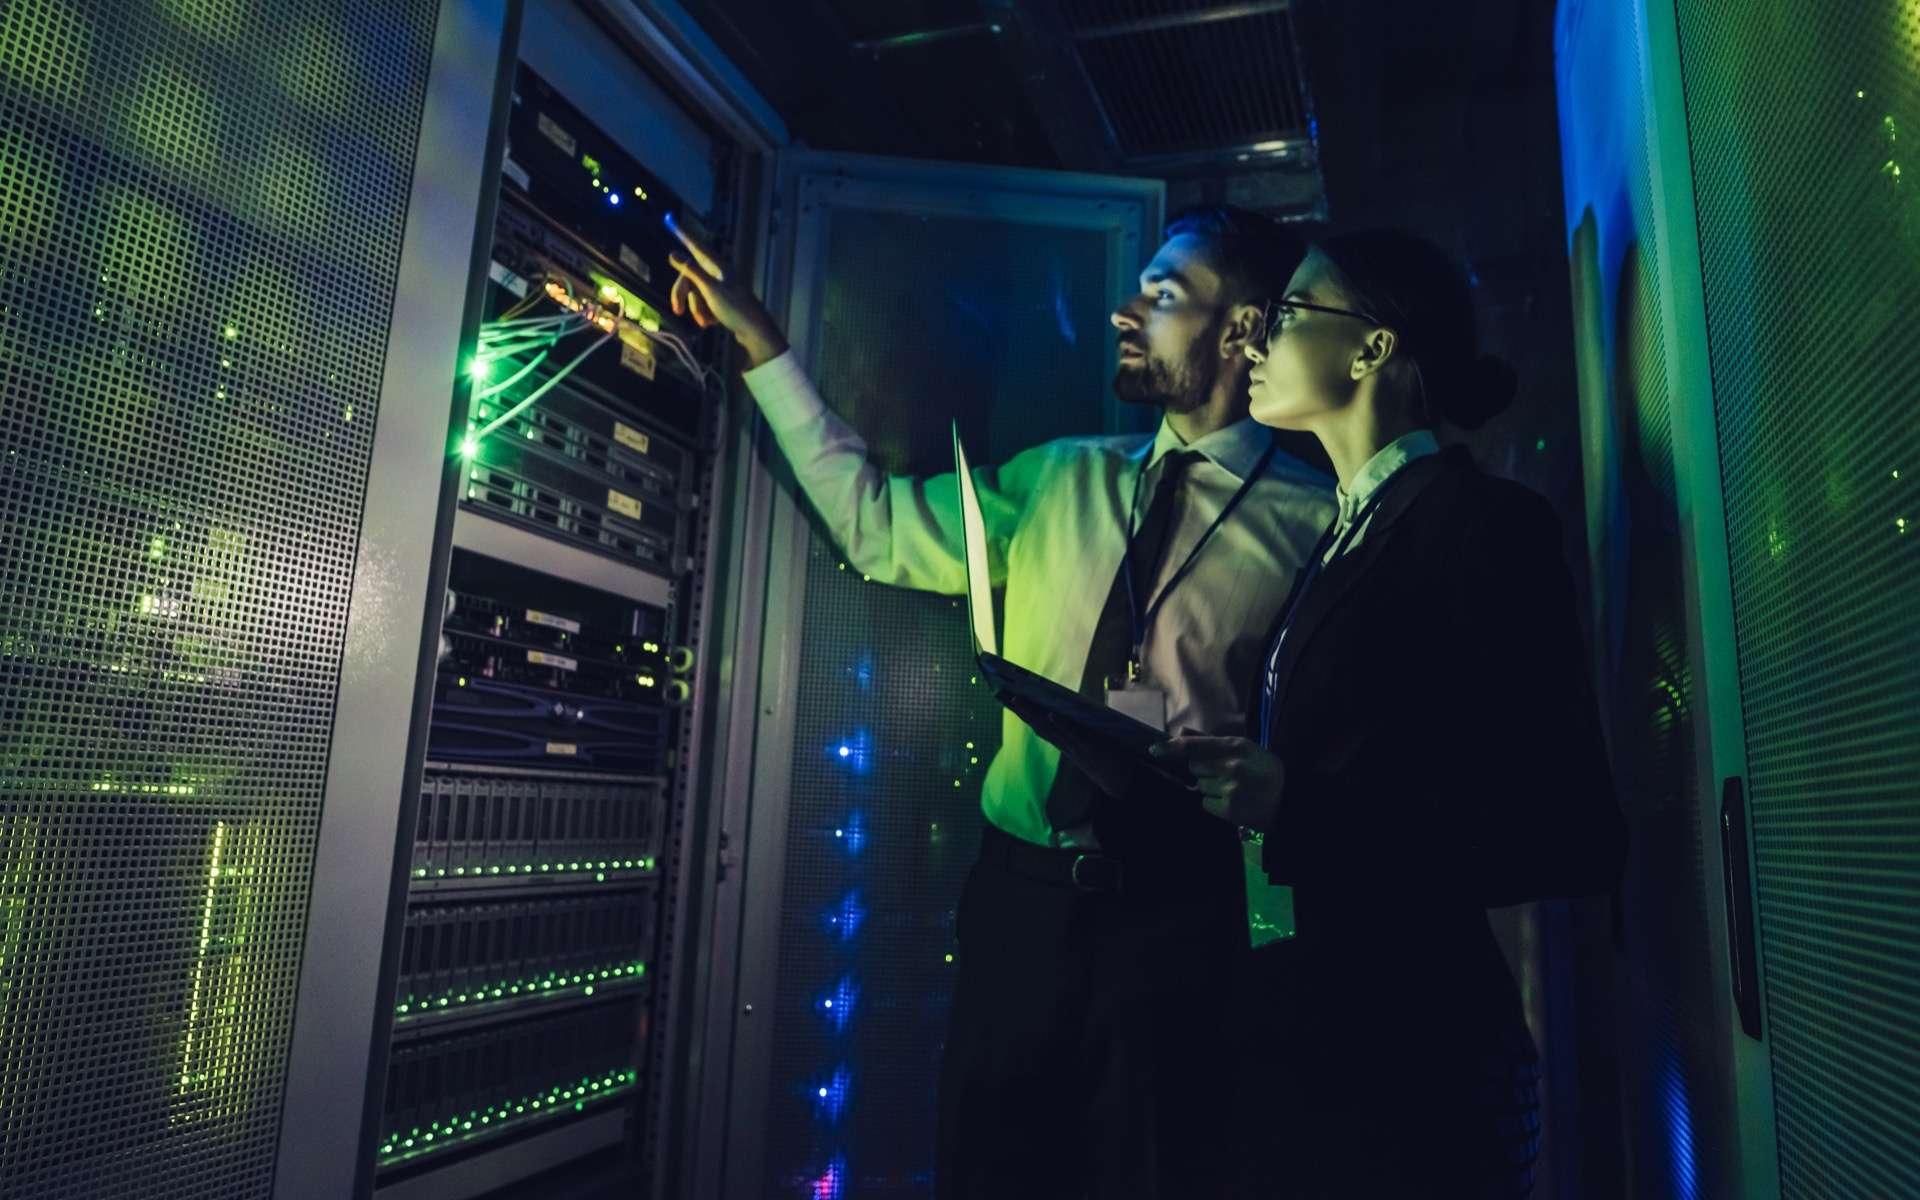 La sobriété numérique dans une entreprise selon Tanguy Dade. © Vasyl, Adobe Stock